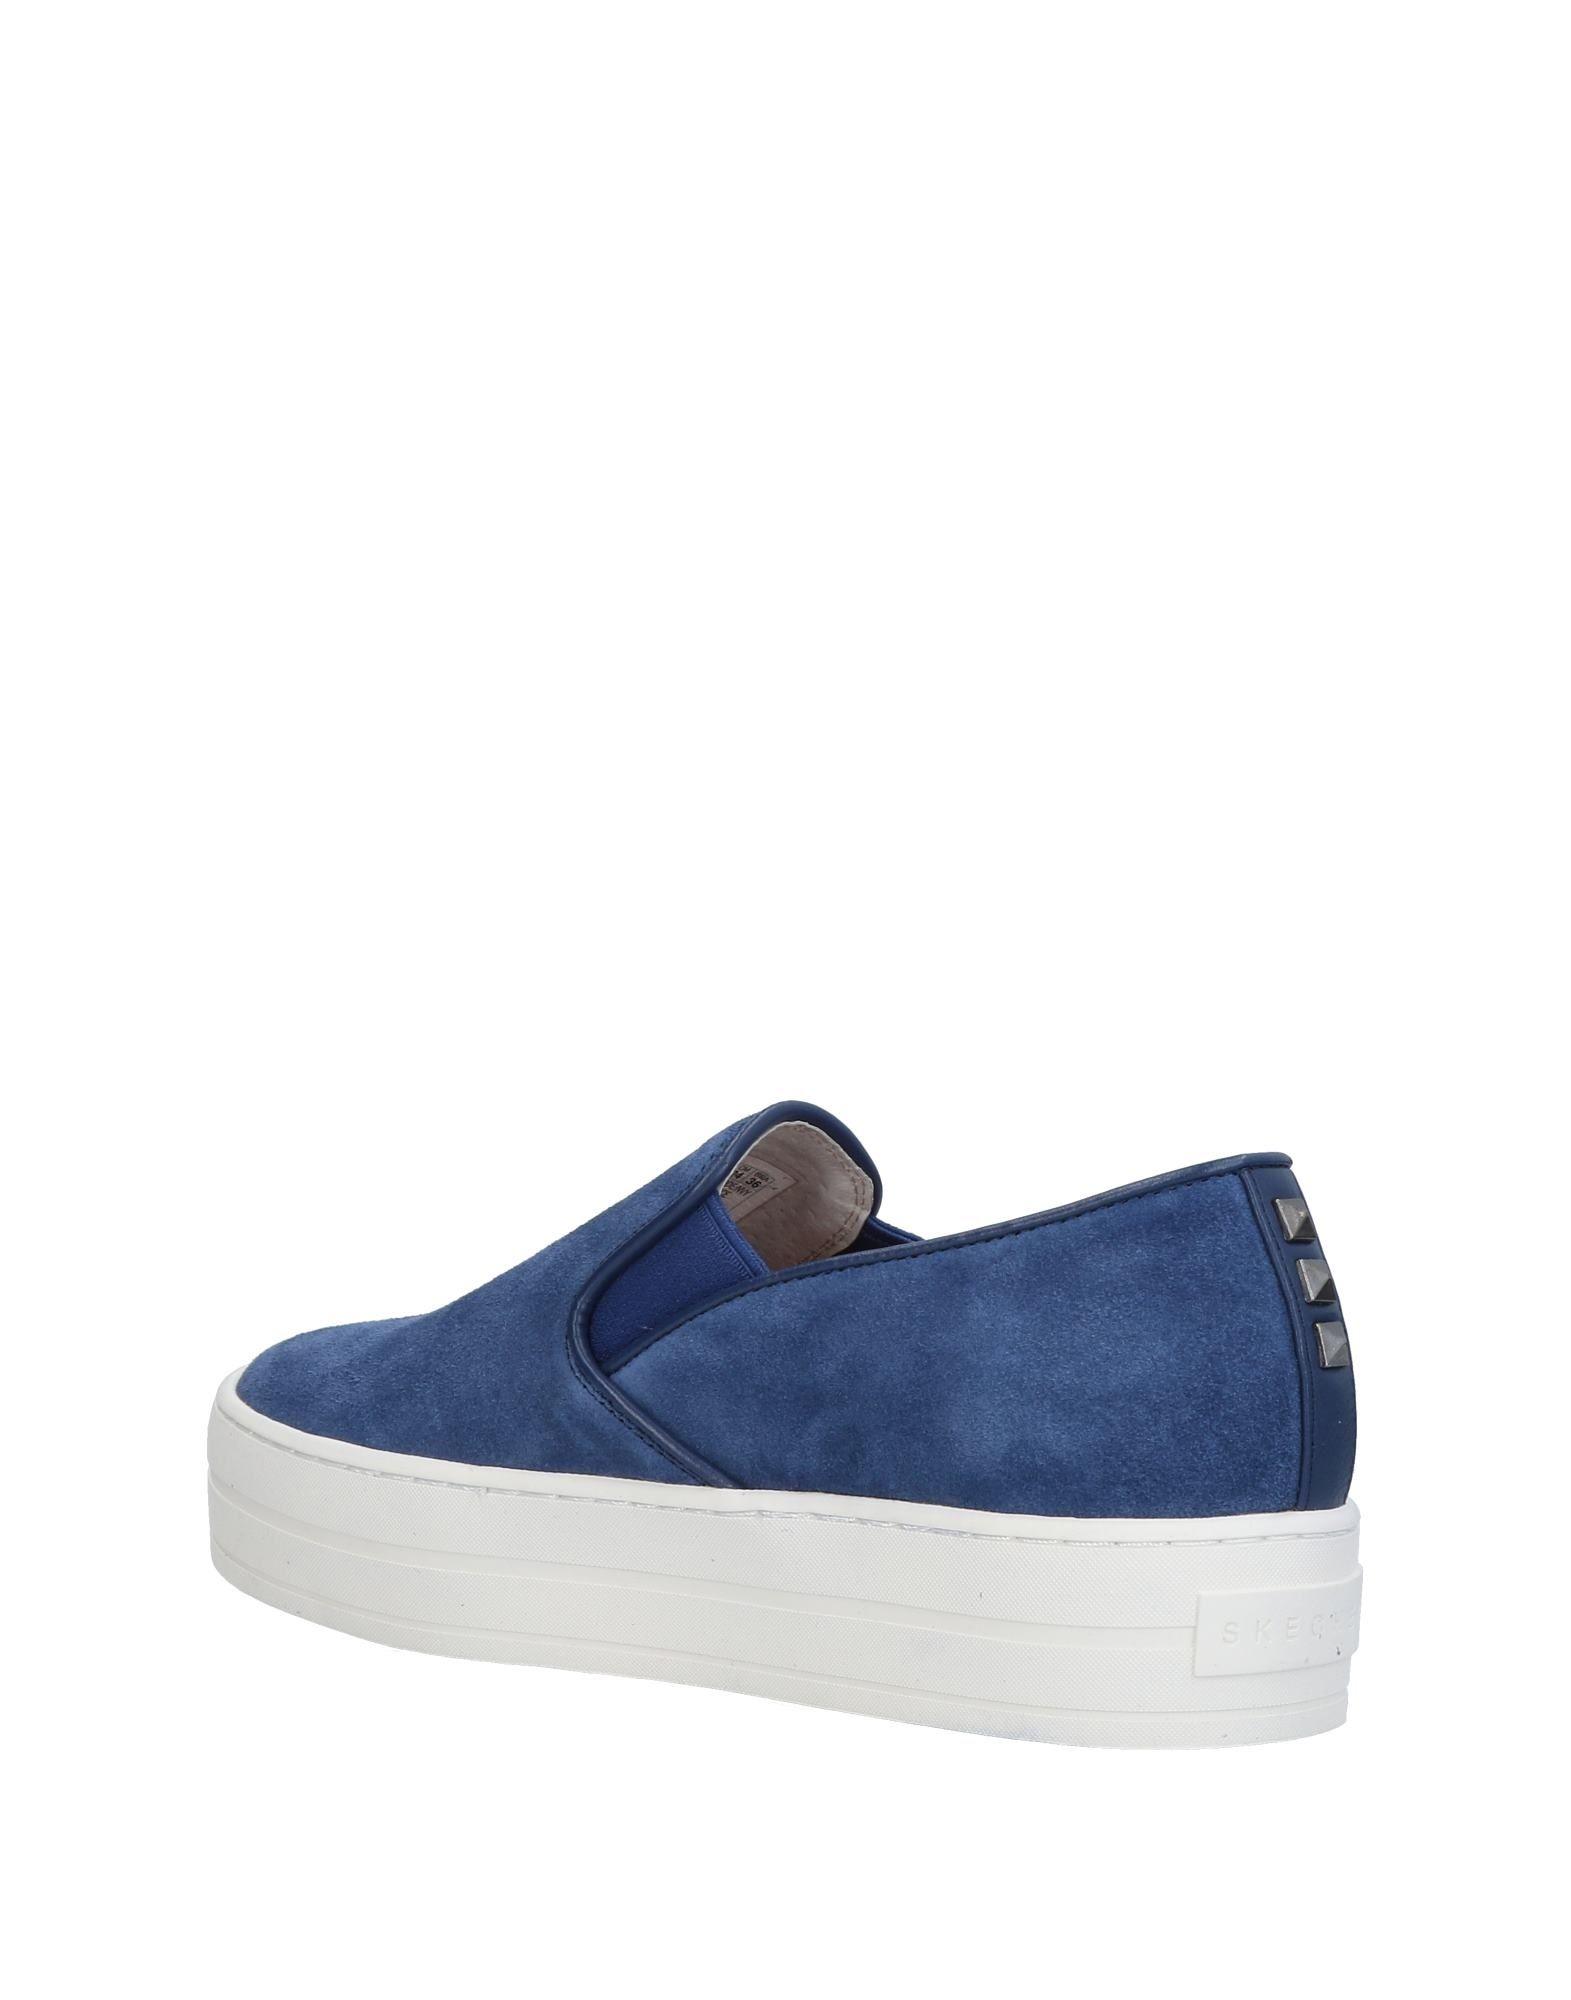 Skechers Sneakers Schuhe Damen  11427339LT Heiße Schuhe Sneakers 48632e